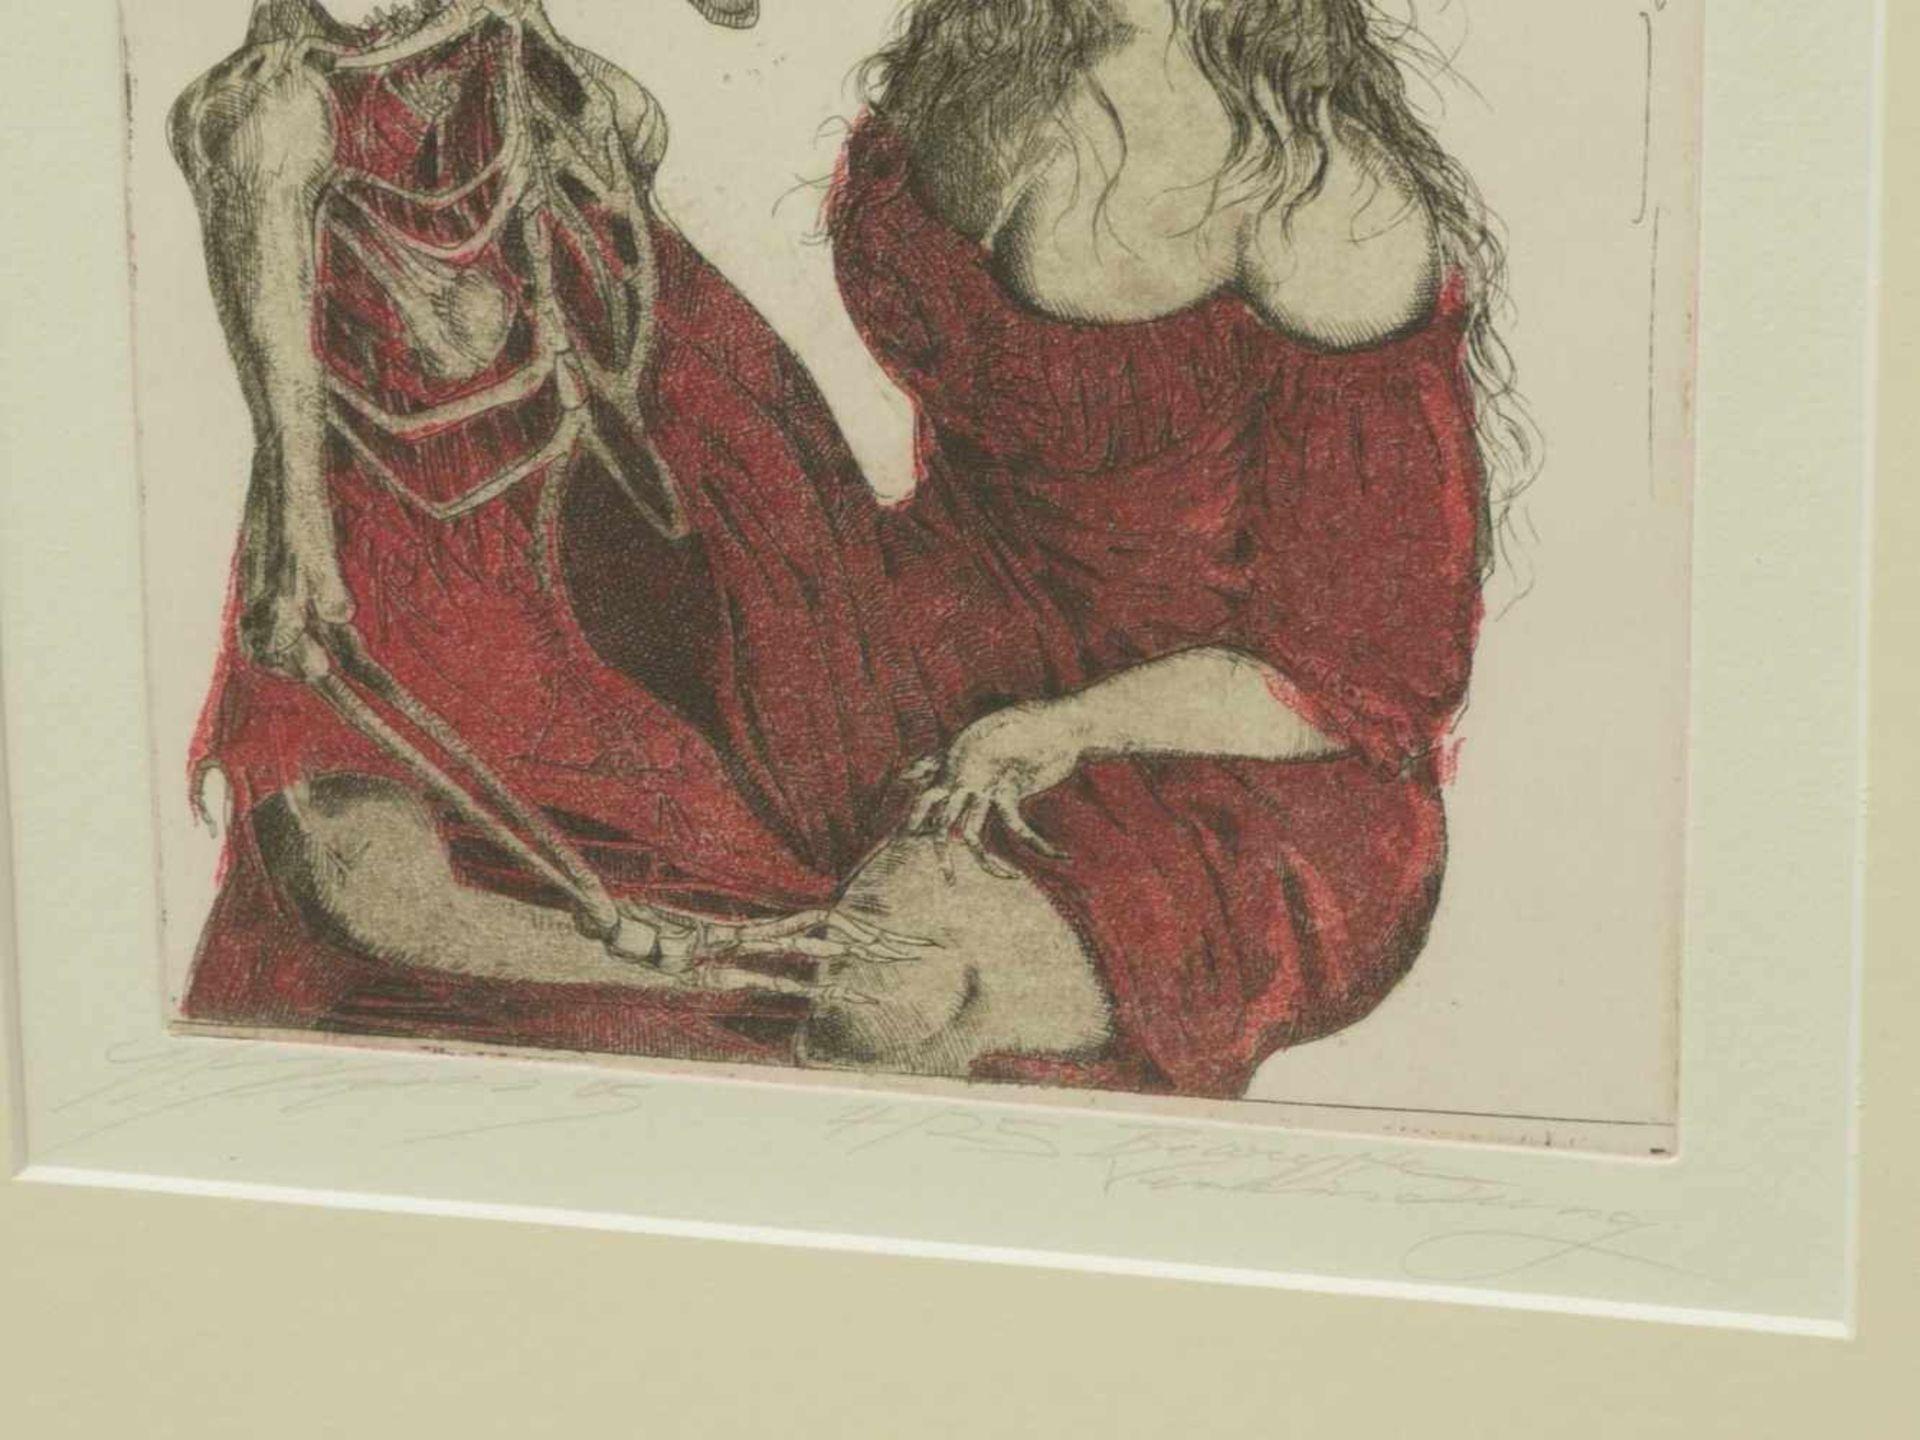 Klenner- Otto, Stephan - Paar Farbradierungen aus E.T.A. Hoffmann Rath Krespel 2004Teil der - Bild 4 aus 5